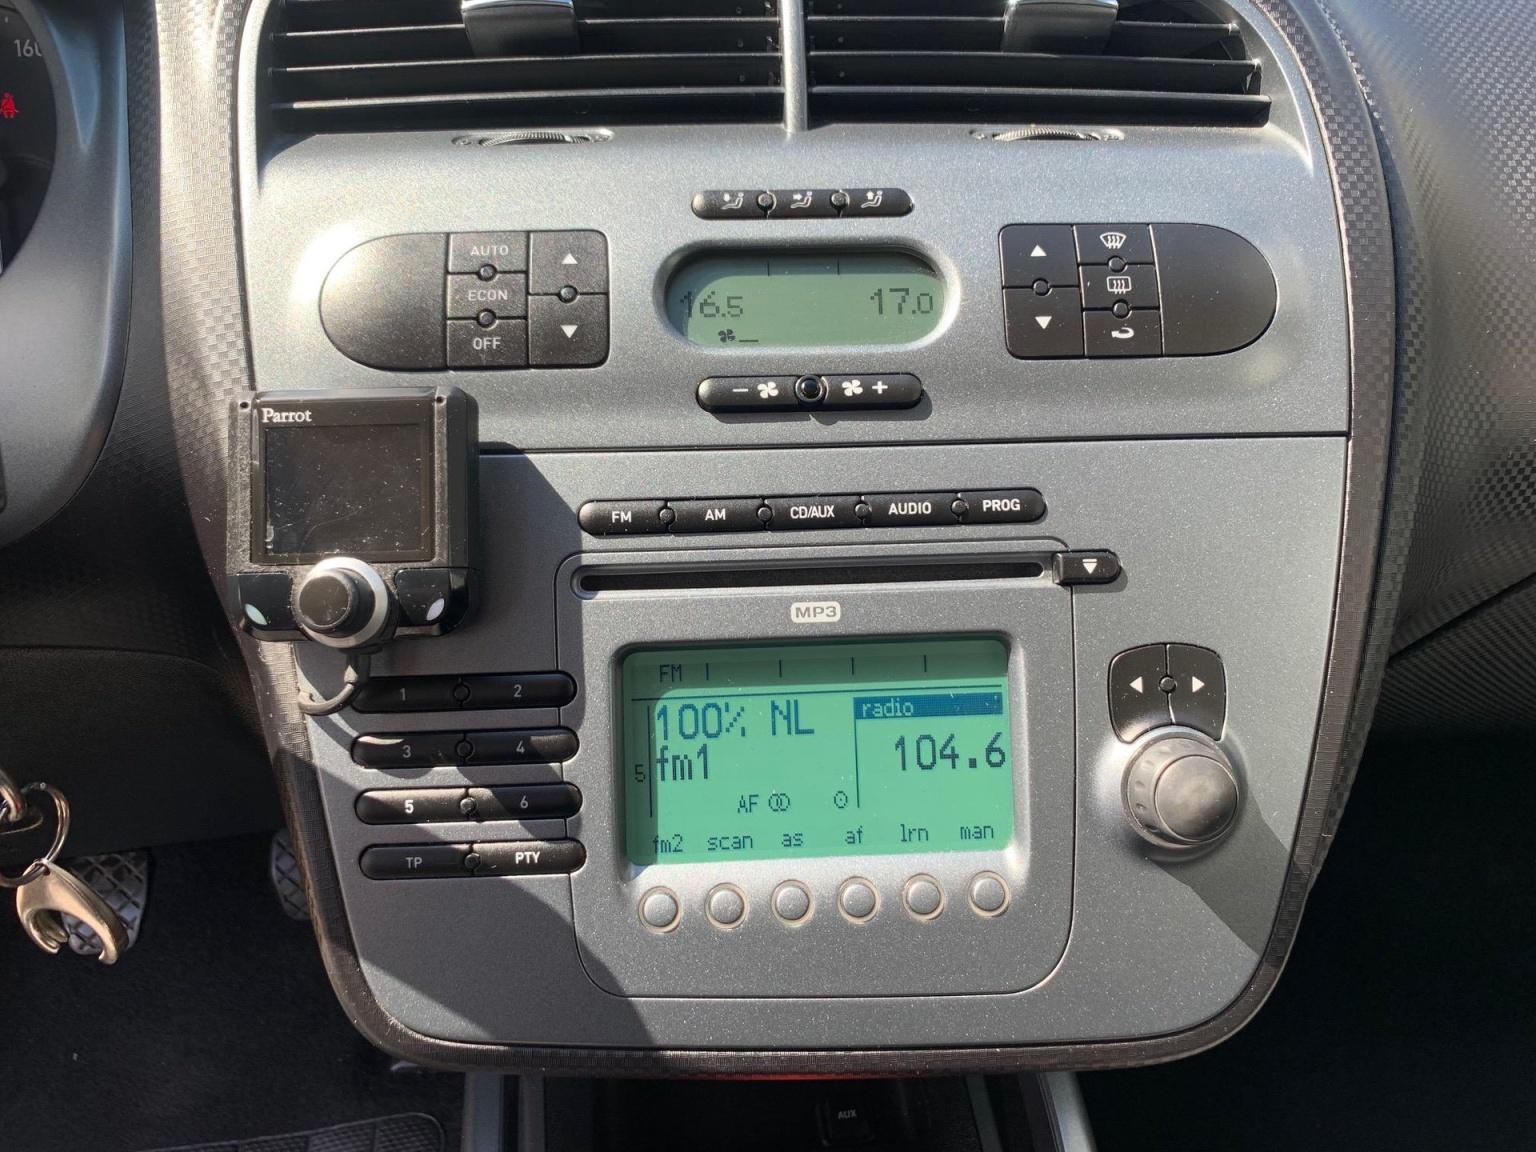 SEAT-Altea XL-11